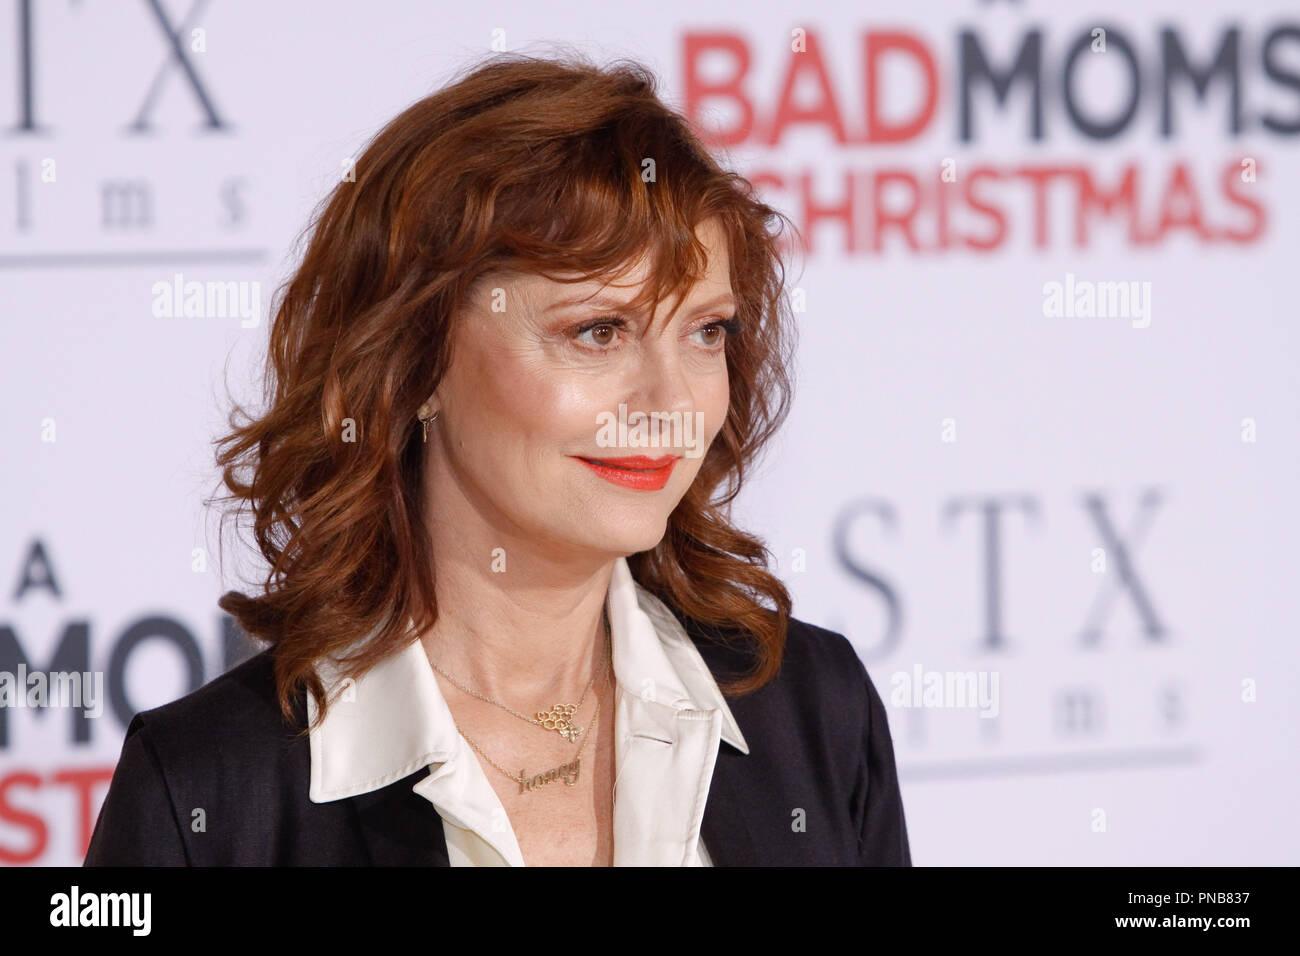 Bad Moms Christmas Susan Sarandon.Susan Sarandon At The Premiere Of Stx Films A Bad Moms